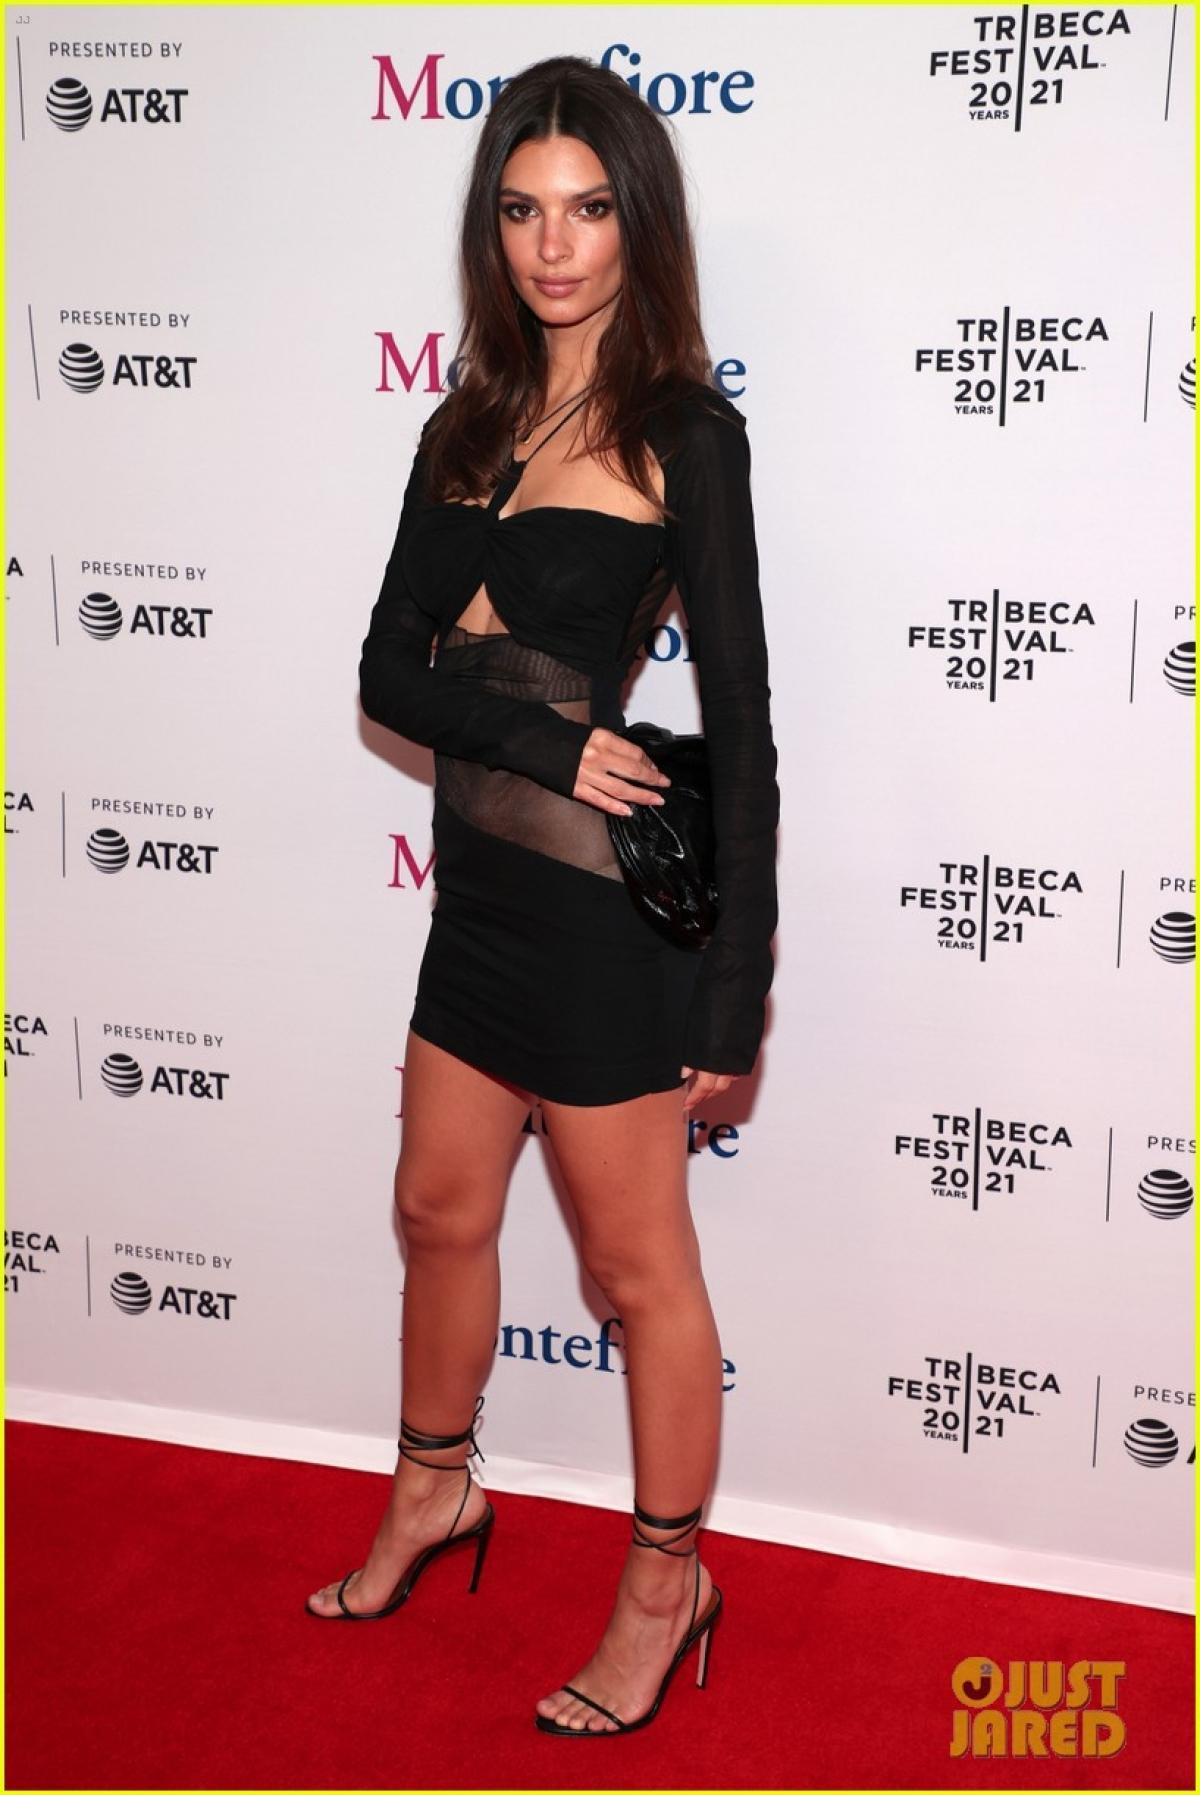 Emily Ratajakowski diện đầm cut-out khoe body quyến rũ tại Liên hoan phim Tribeca 2021 Ảnh 4